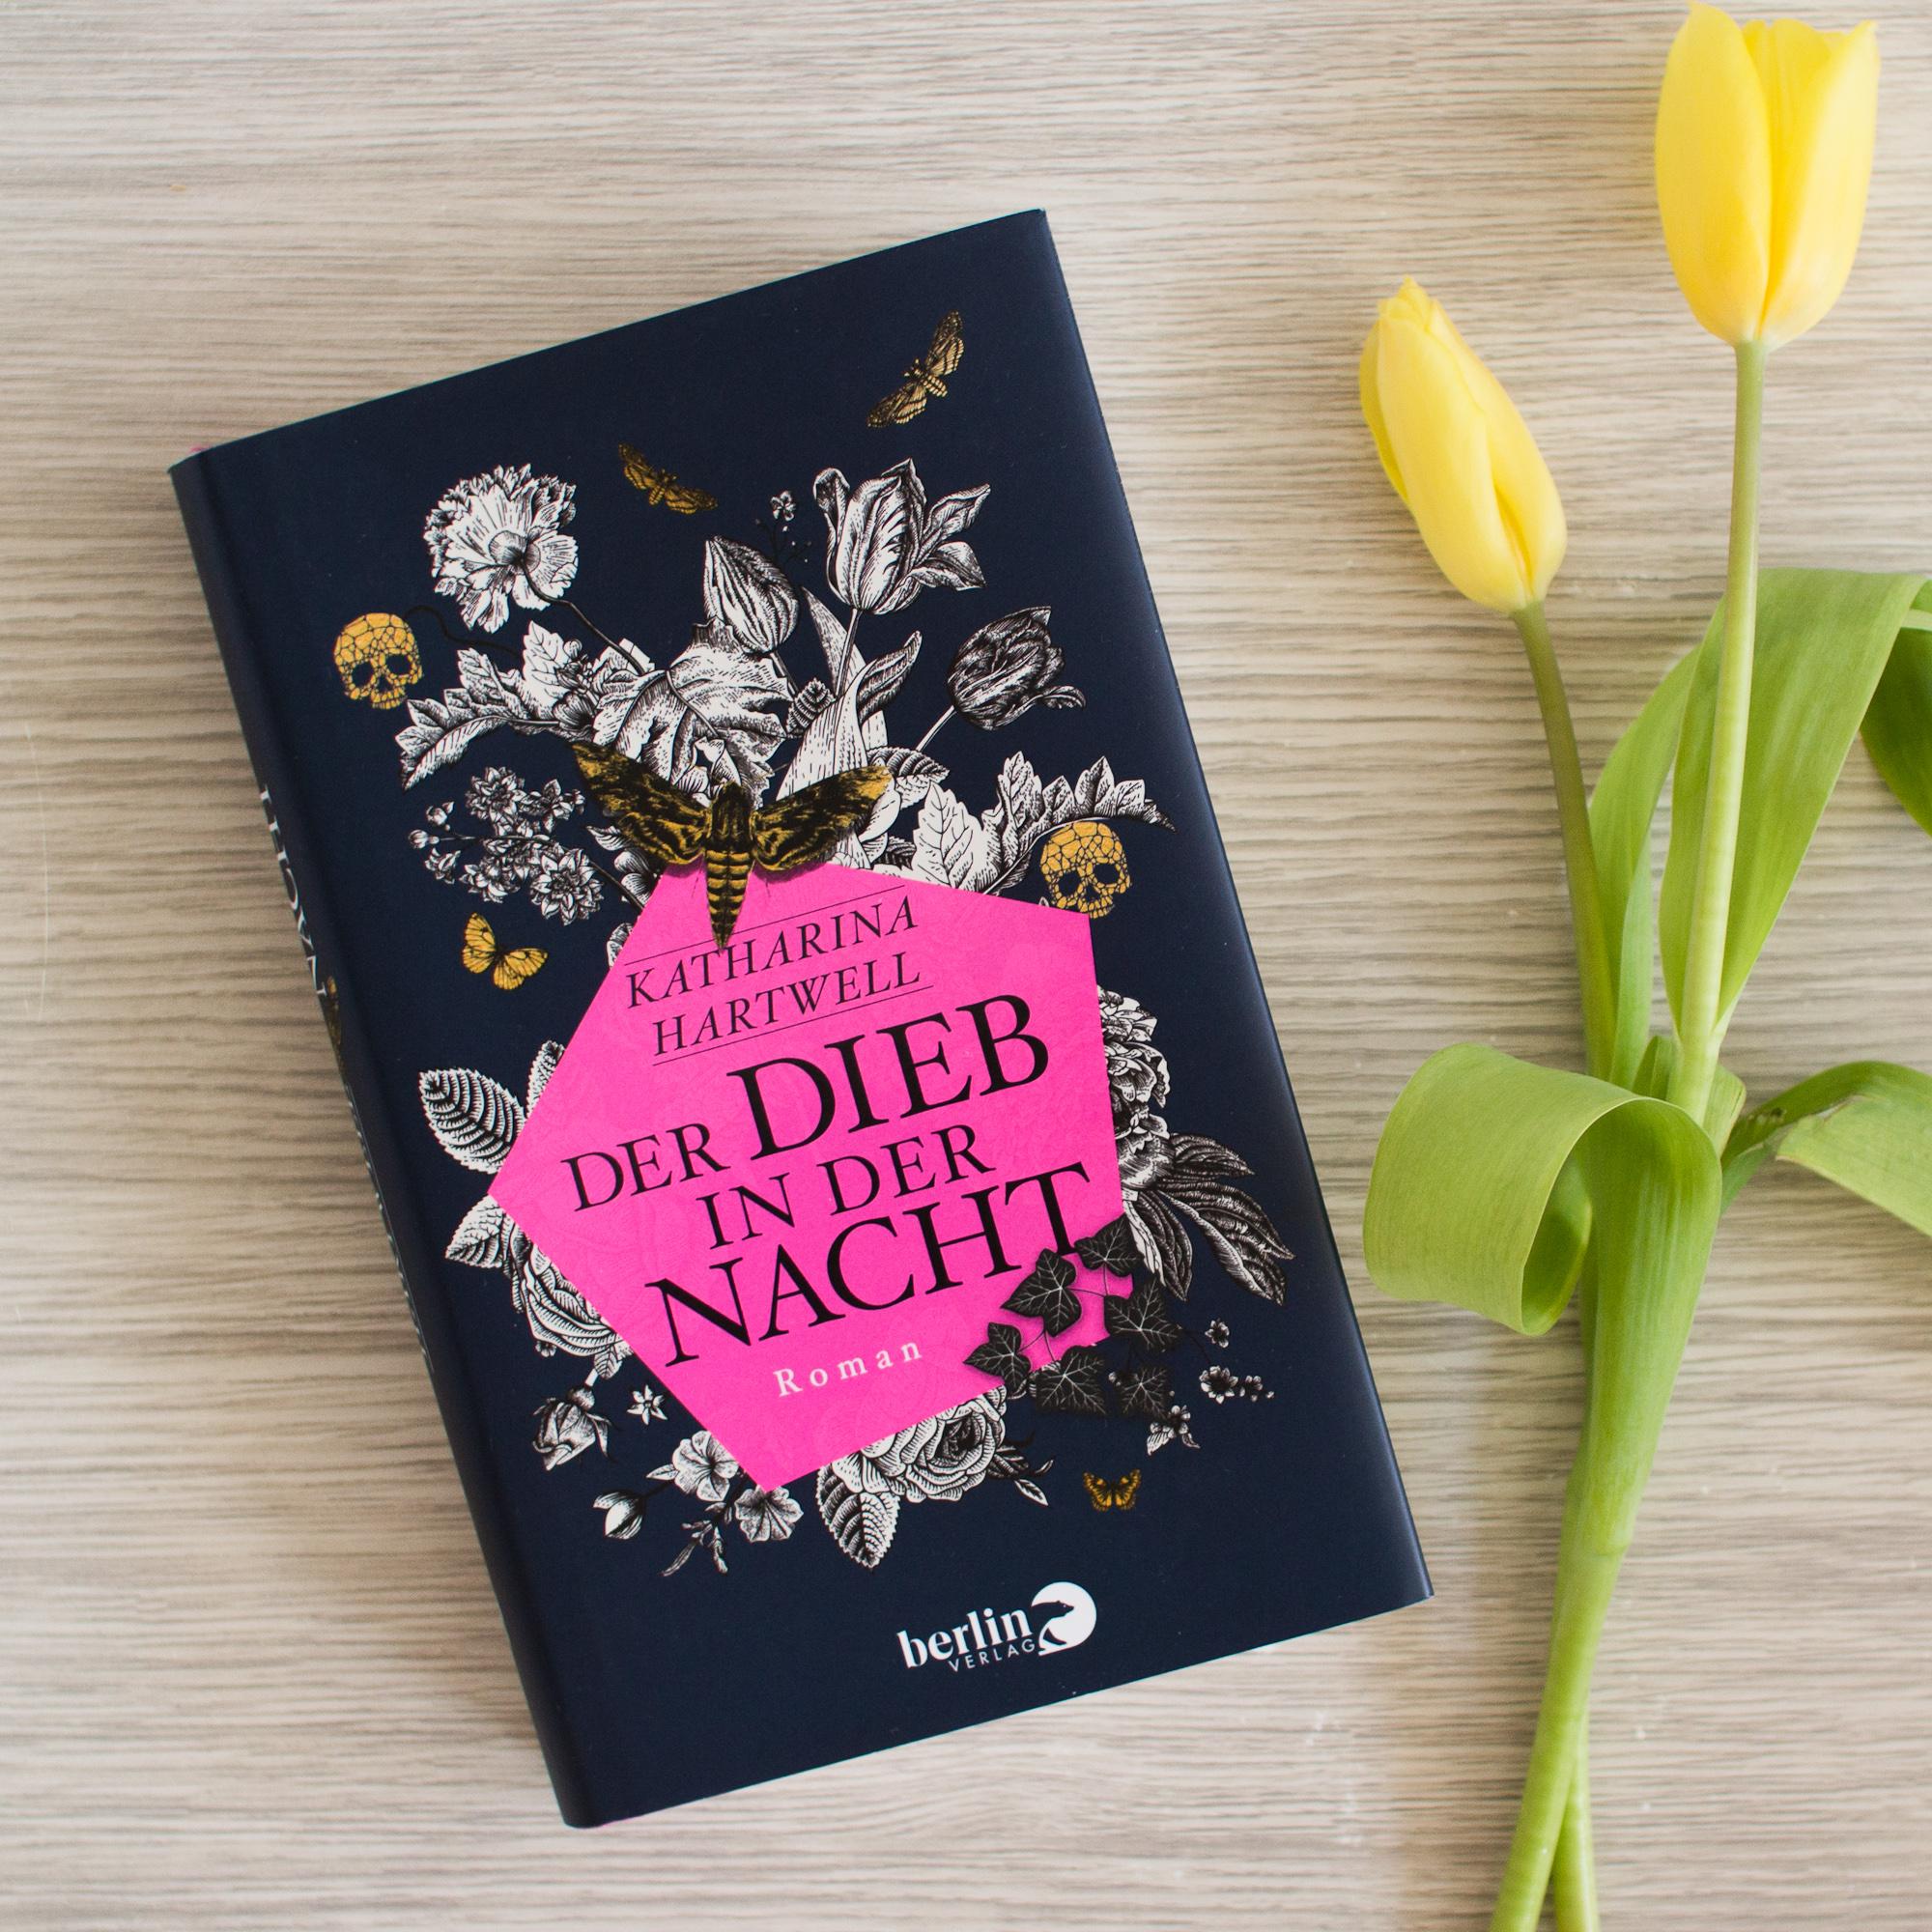 Der Dieb in der Nacht – Katharina Hartwell